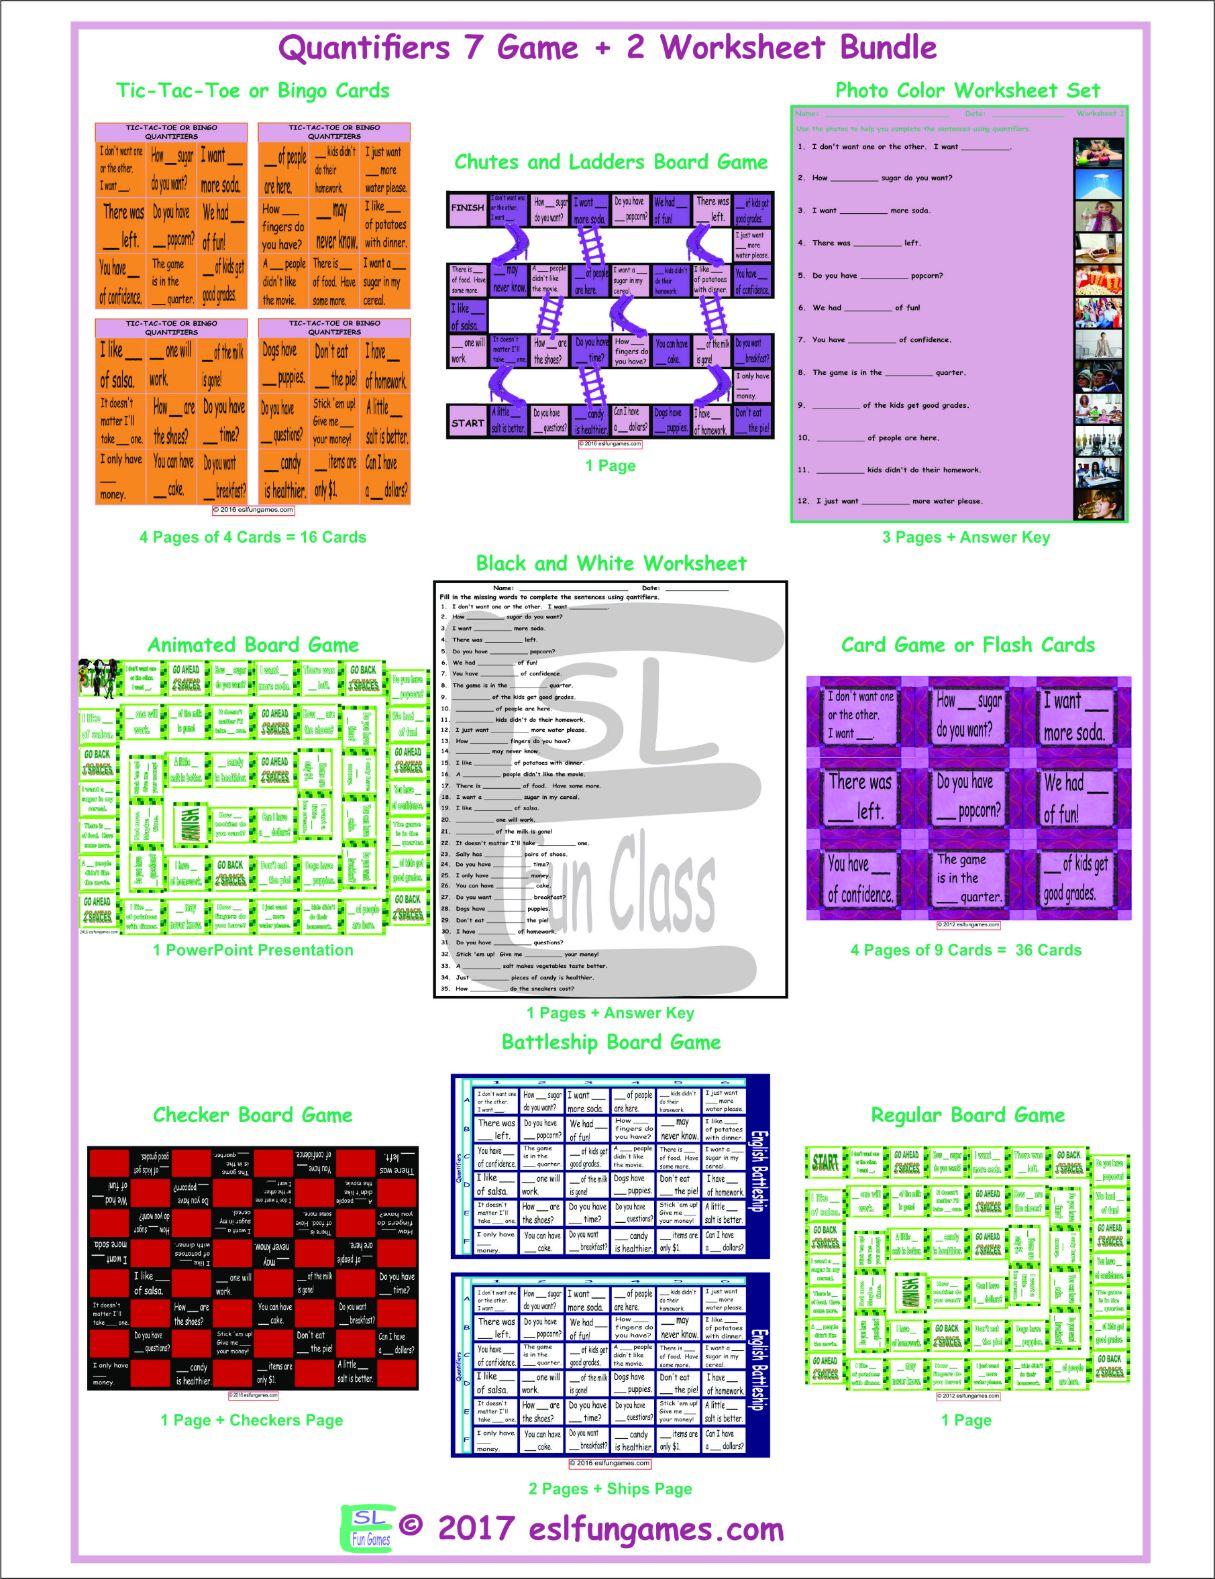 Quantifiers 7 Game Plus 2 Worksheet Bundle By Eslfungames